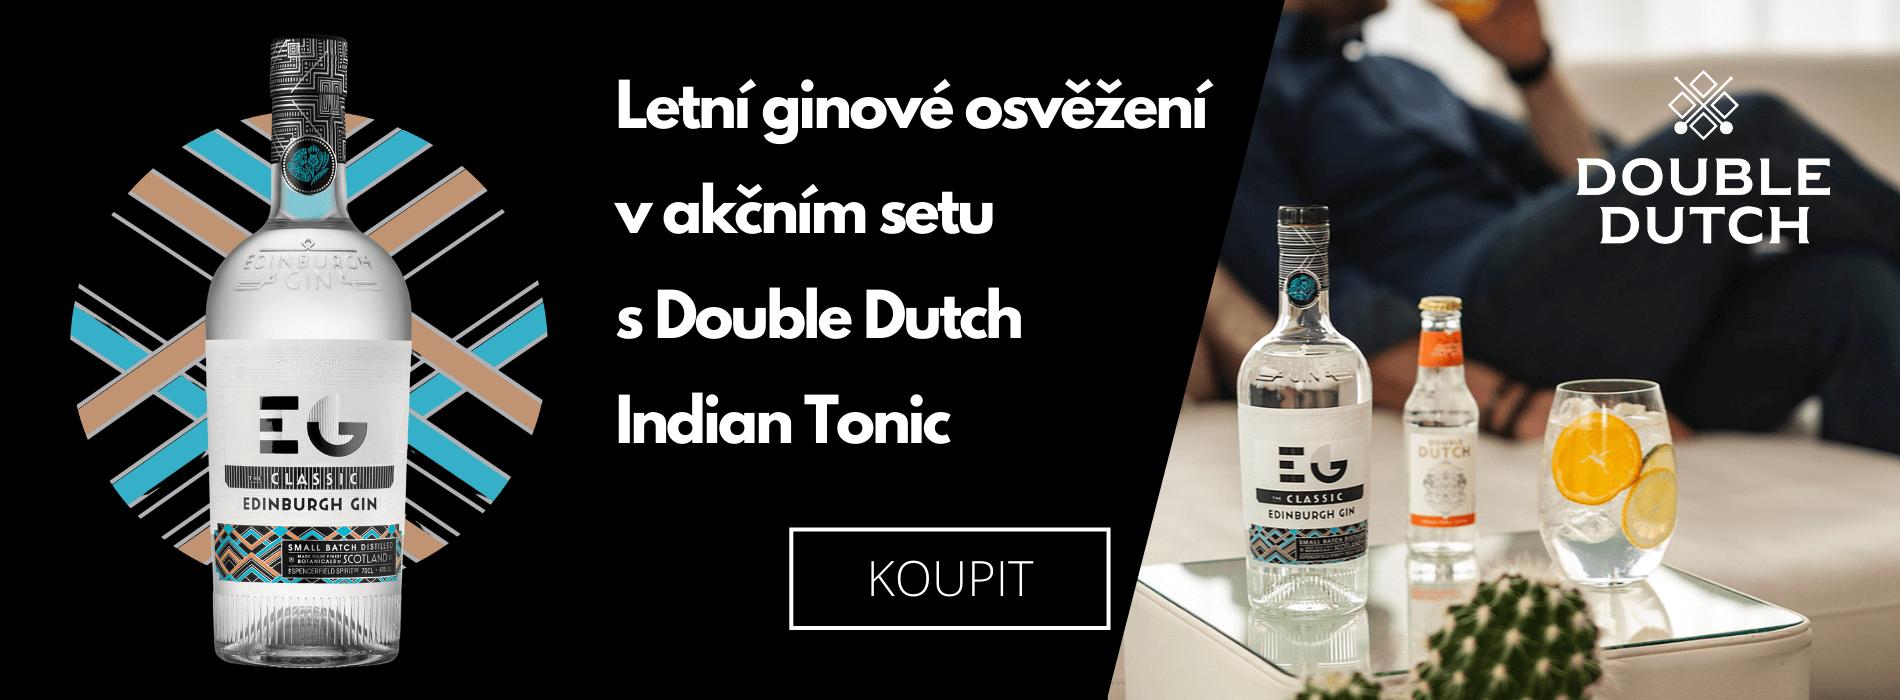 Letní ginové osvěžení v akčním setu s Double Dutch Indian Tonic